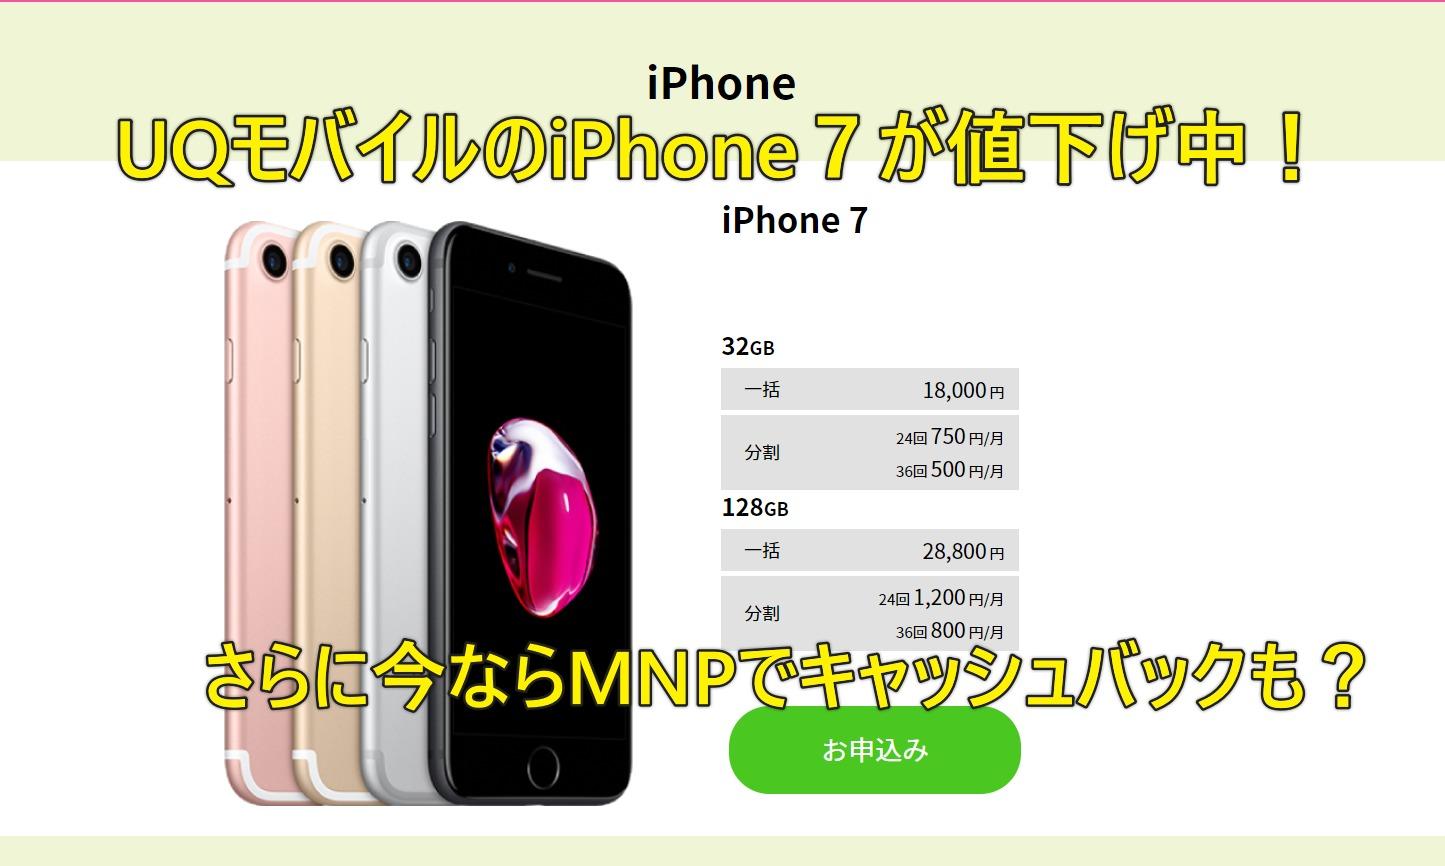 UQモバイルのiPhone7が一括18000円に値下げ!MNPでキャッシュバックもある